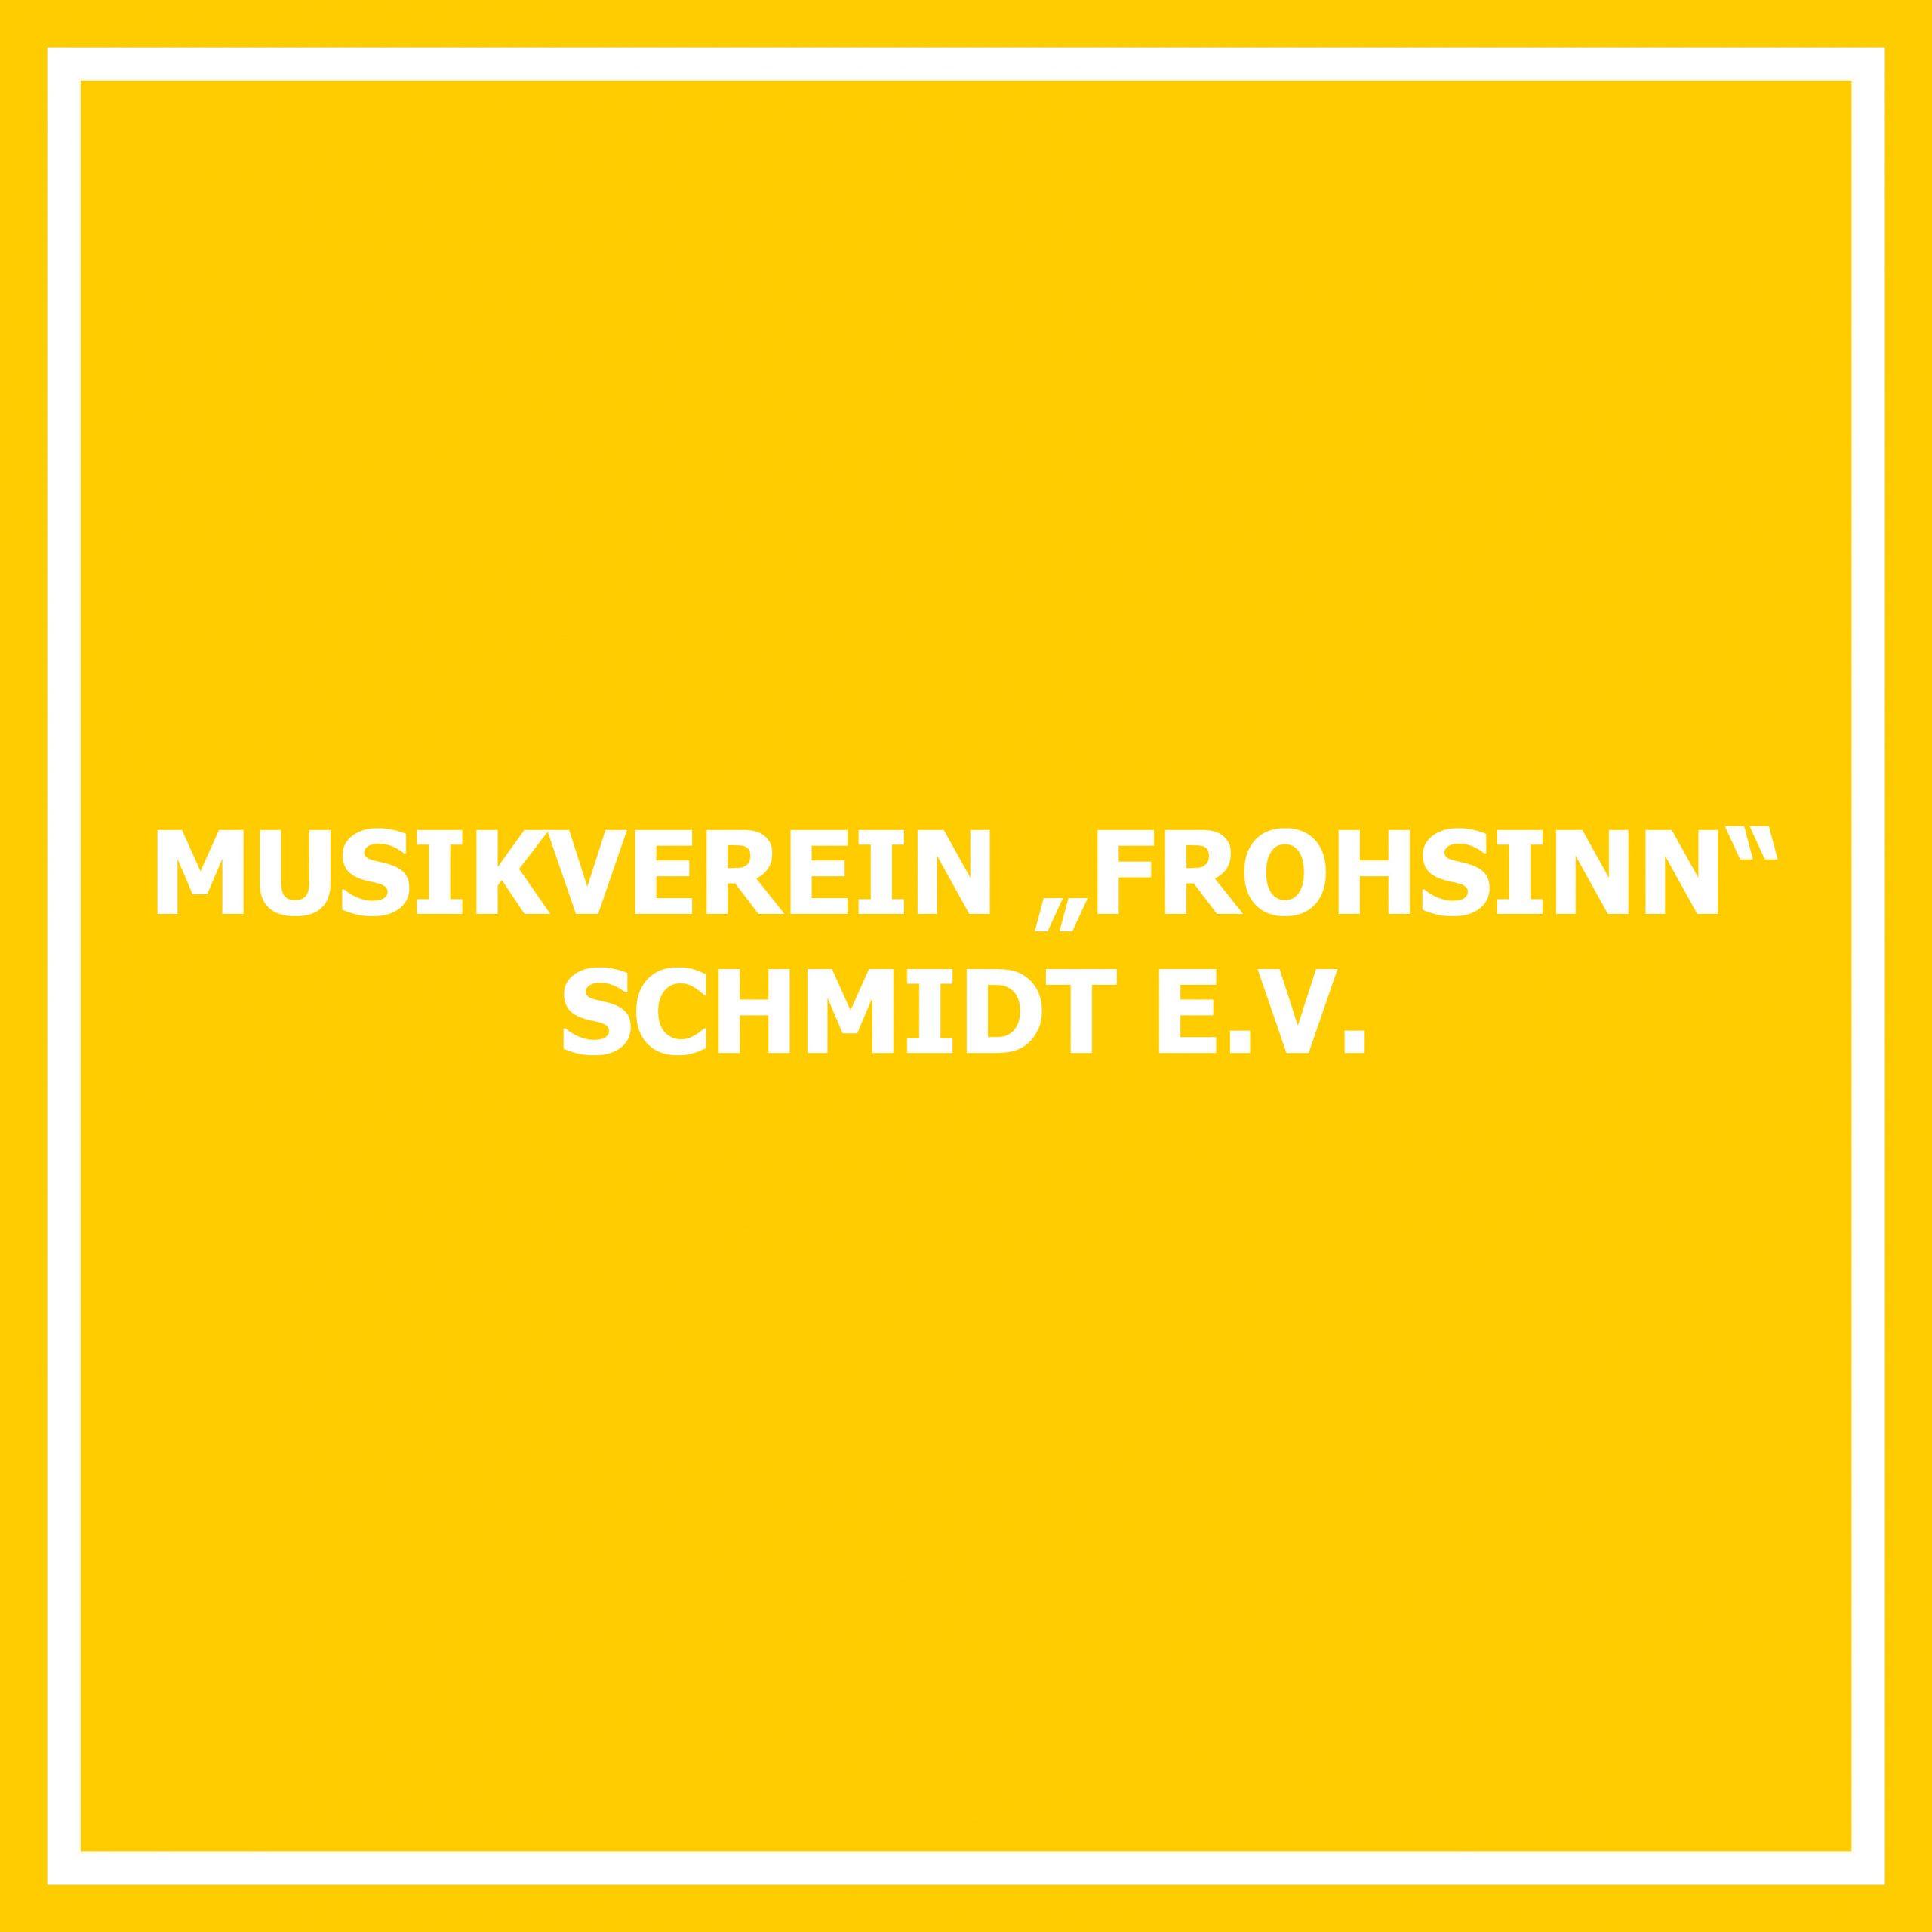 """Musikverein """"Frohsinn"""" Schmidt e. V."""